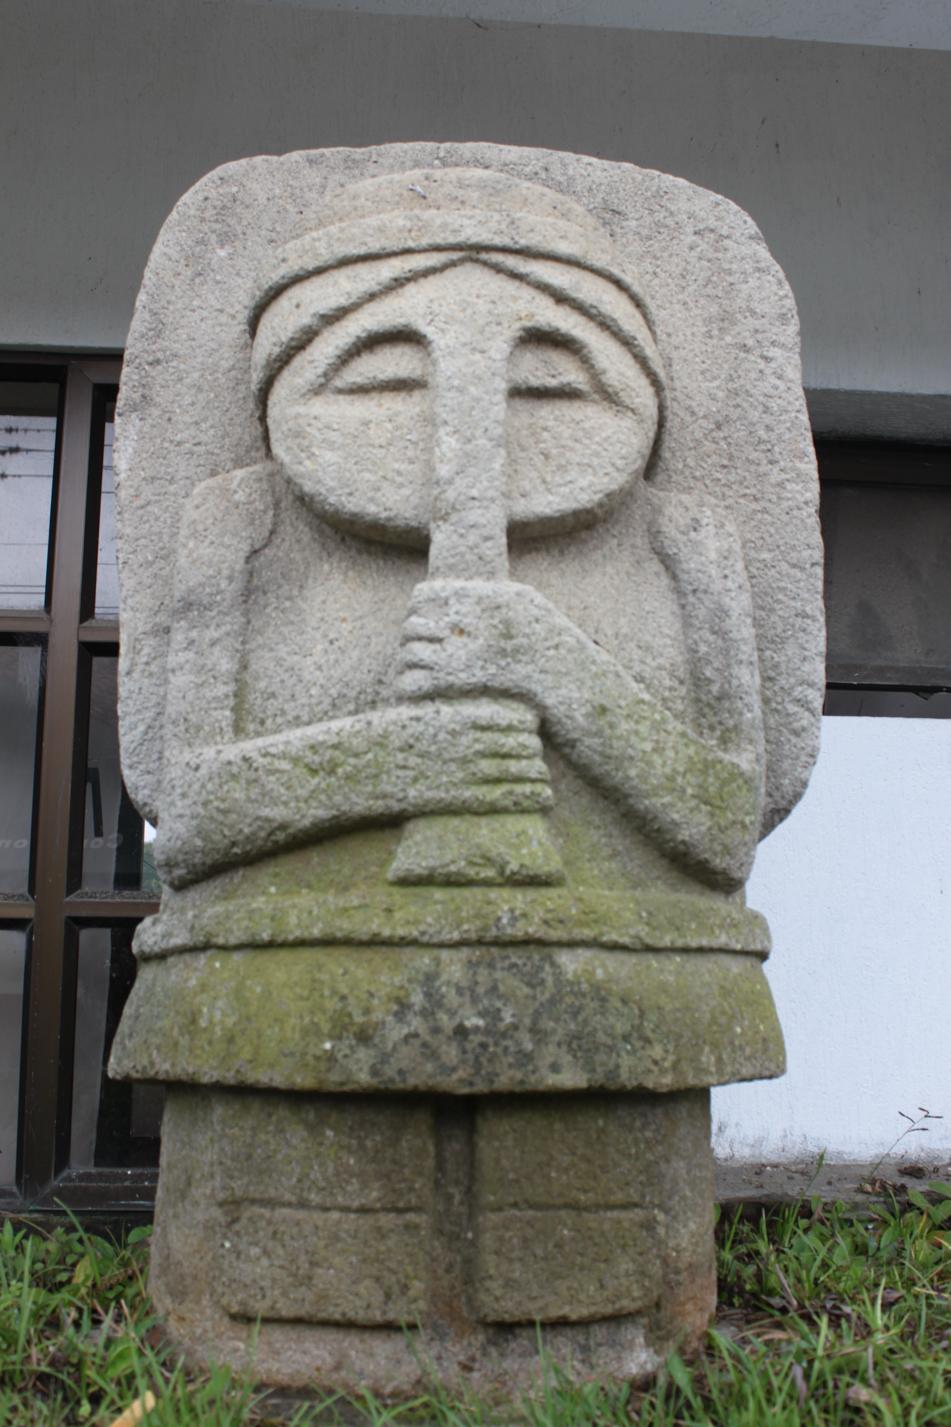 Auch hier im Dorf sind vereinzelt diese Steinskulpturen zu finden.